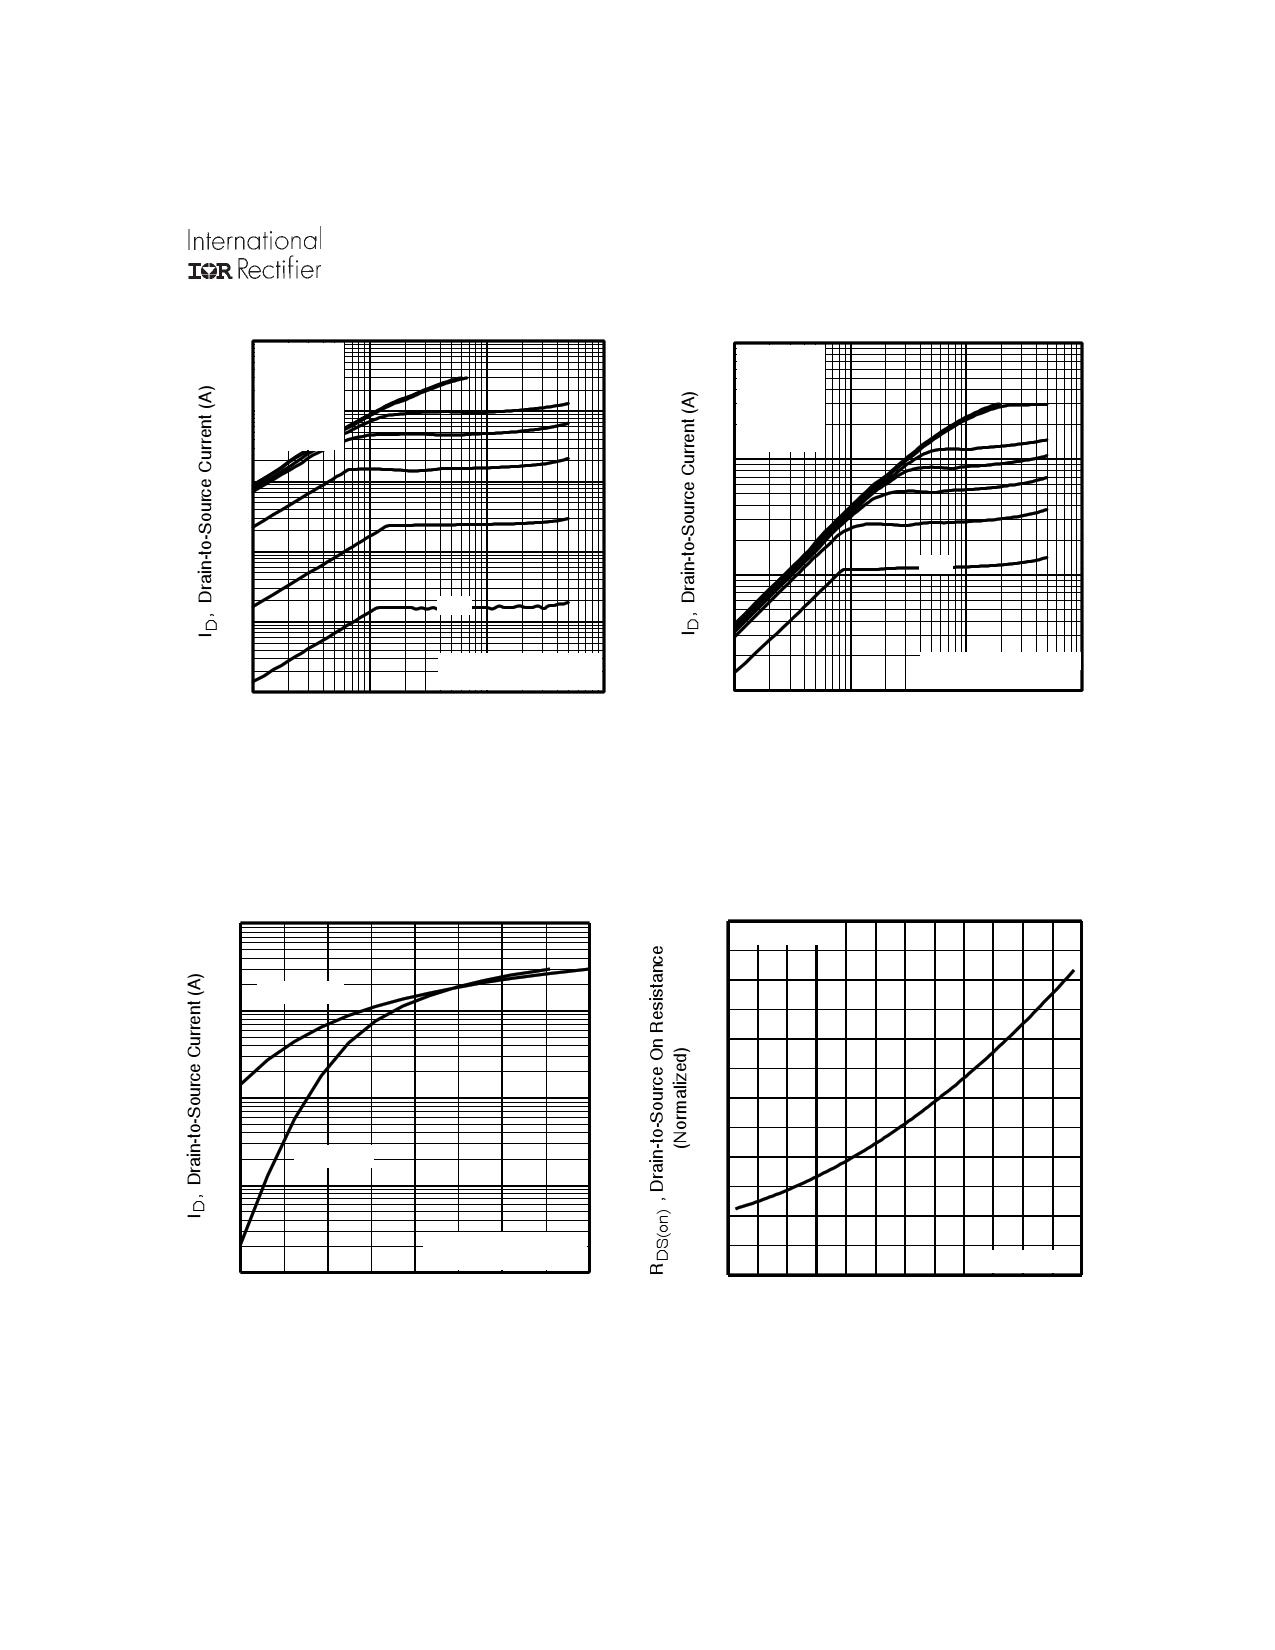 IRFS4710PbF pdf, ピン配列